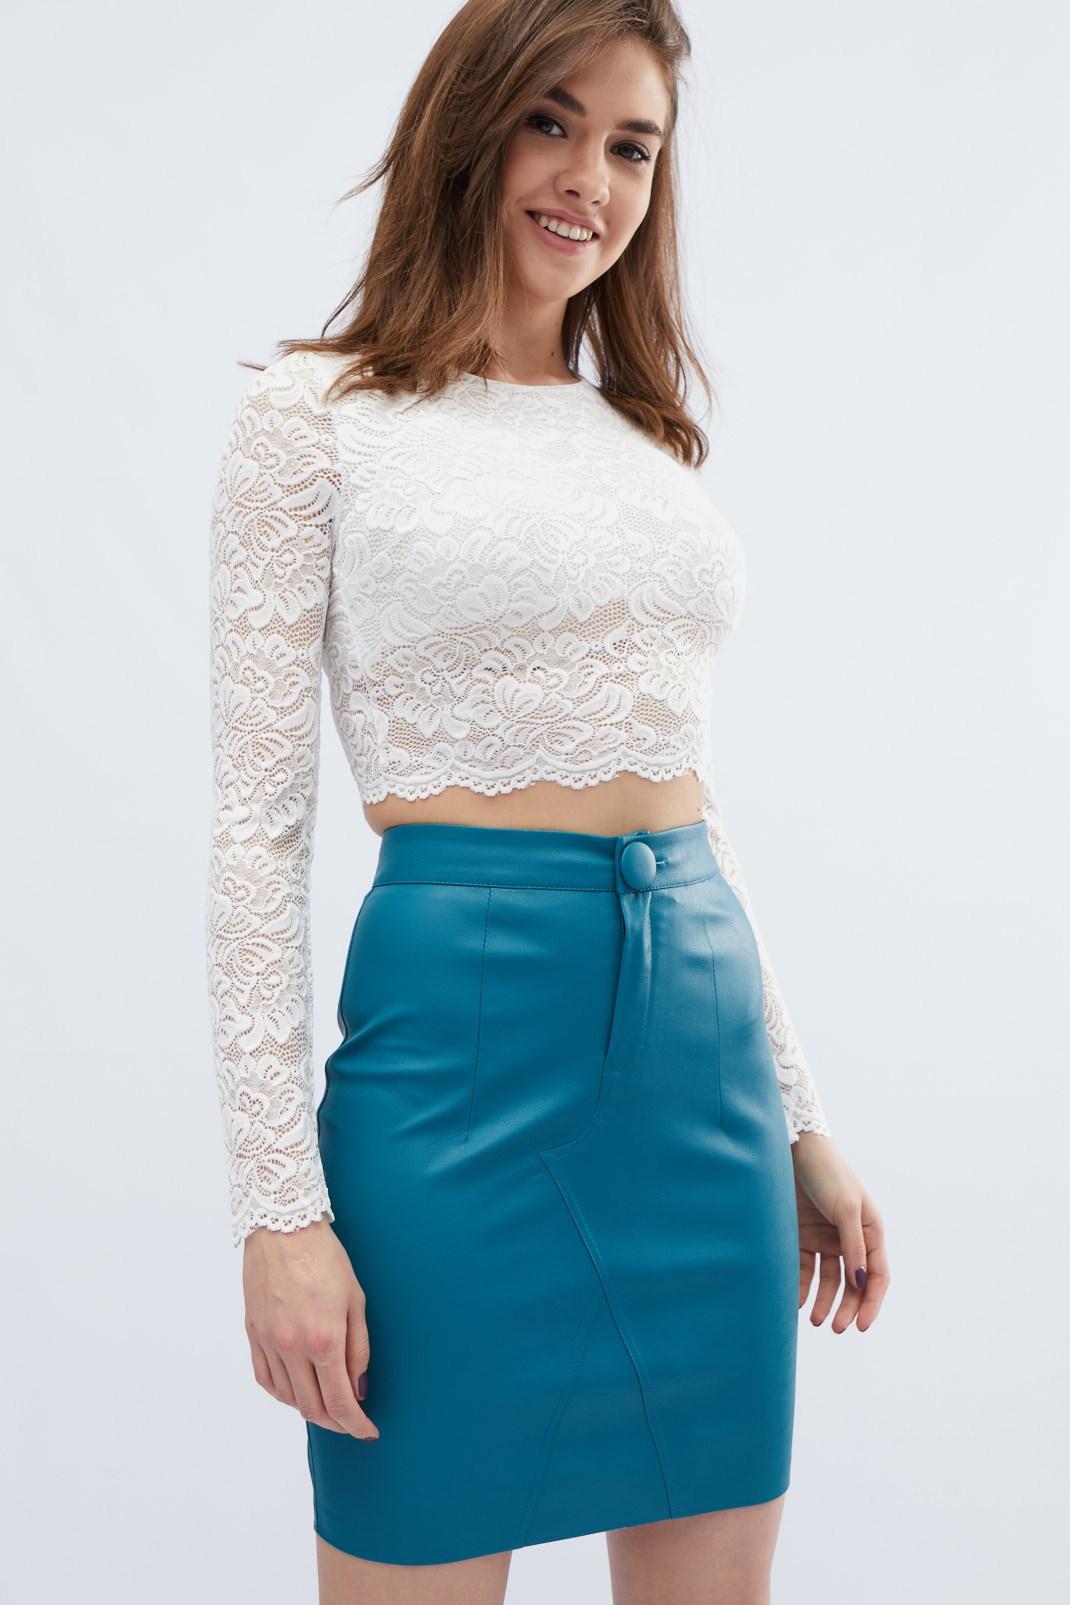 Женская юбка в обтяжку